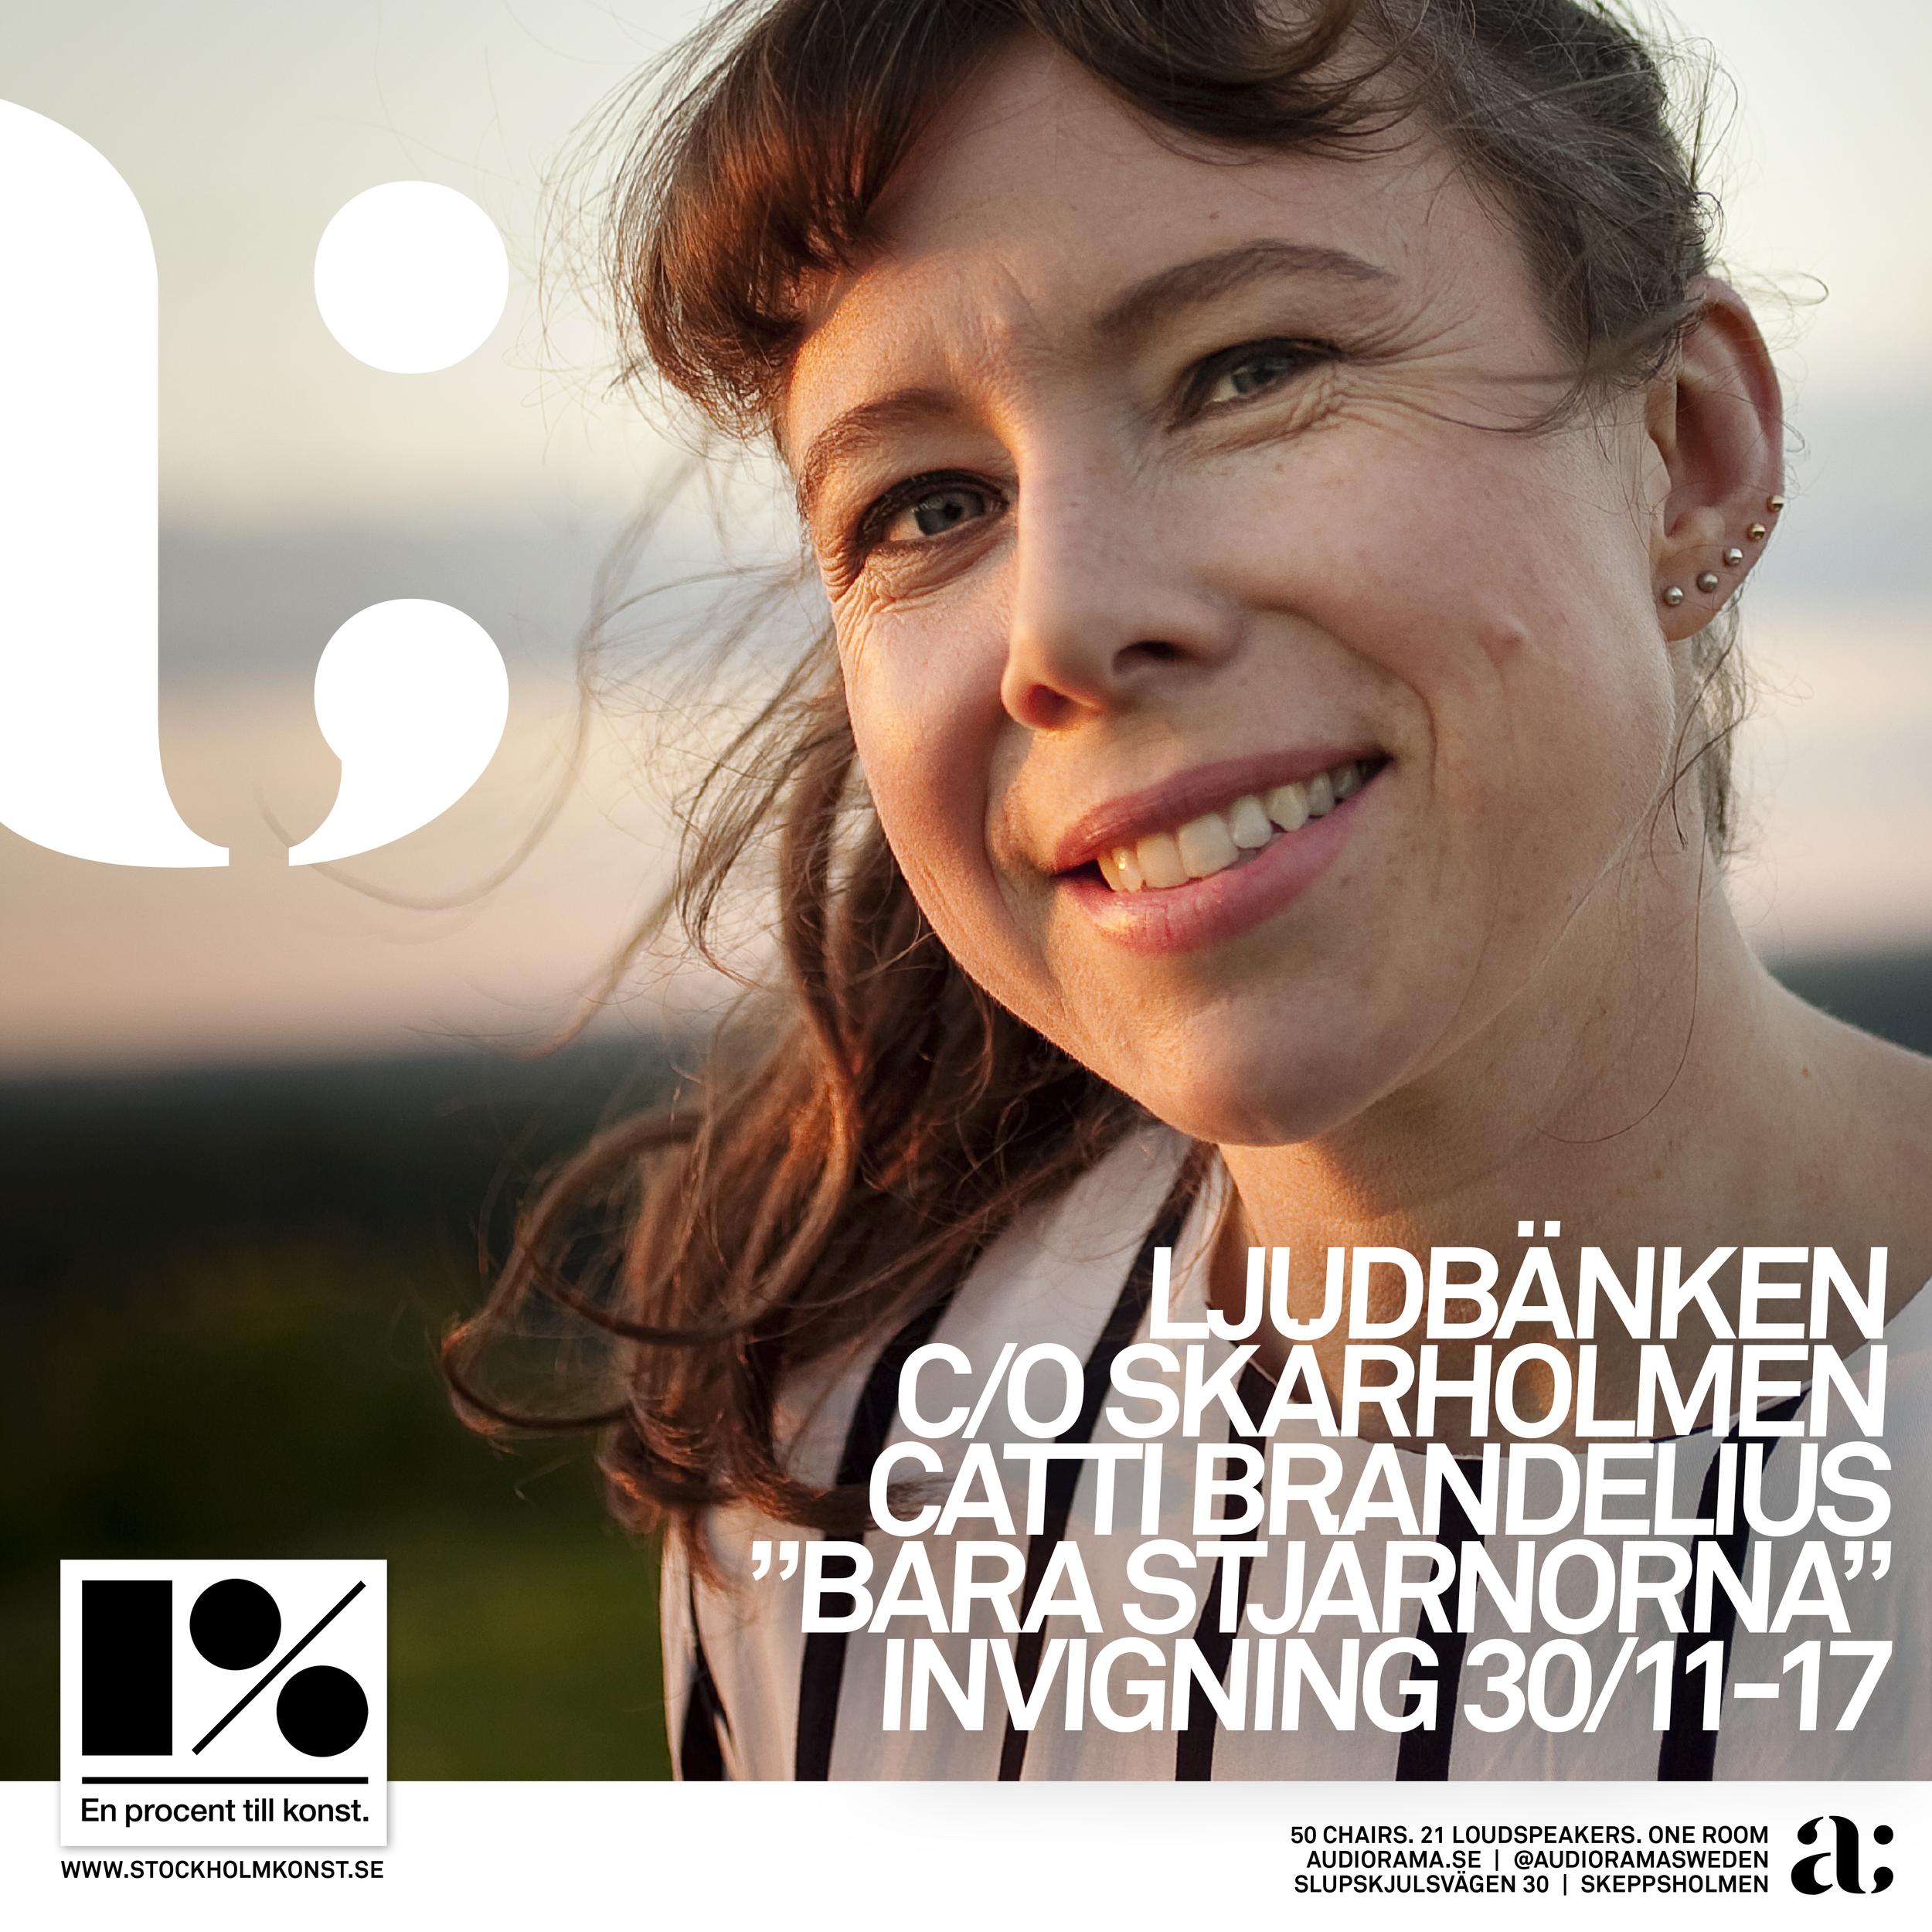 Ljudbanken-Catti-Brandelius-1500x1500.png